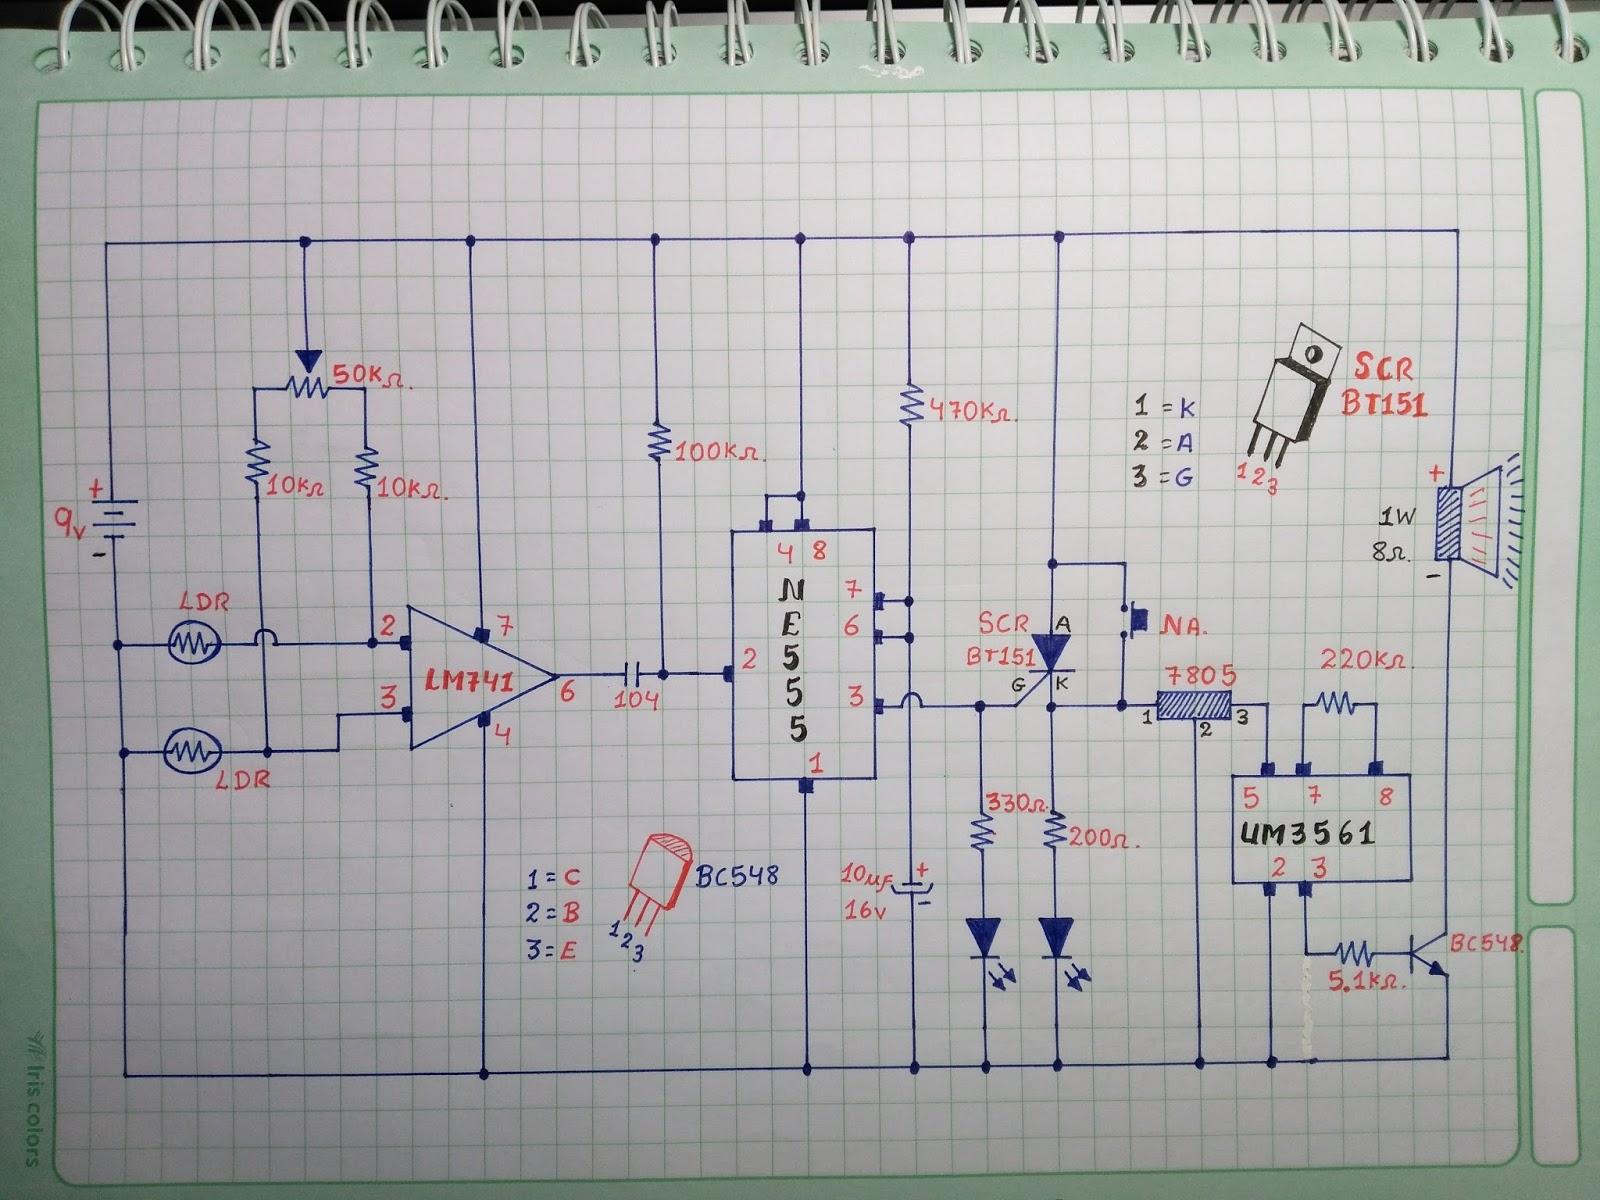 Circuito Ldr : Ldr fotossensível kit eletrônicos suíte circuito integrado r